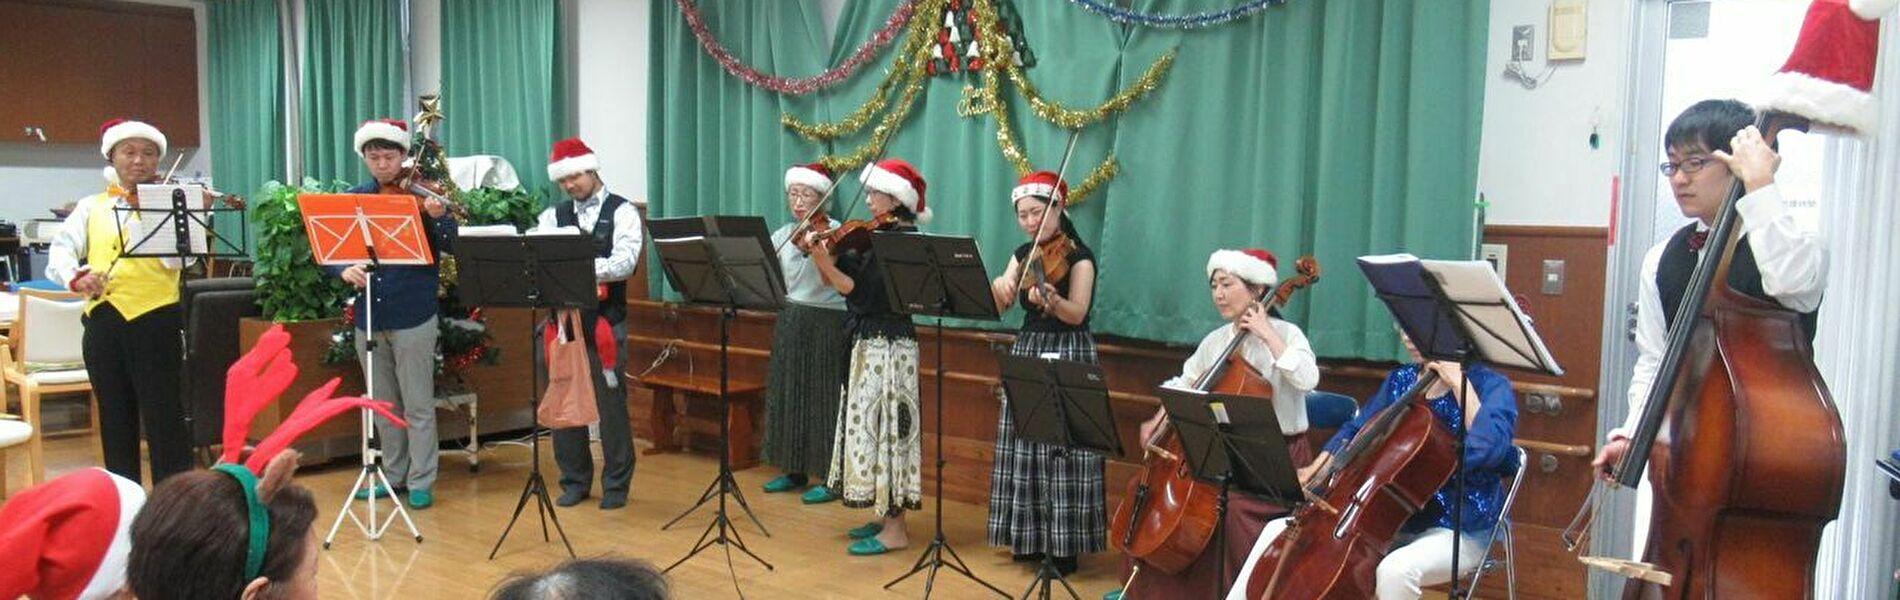 クリスマス慰問コンサート